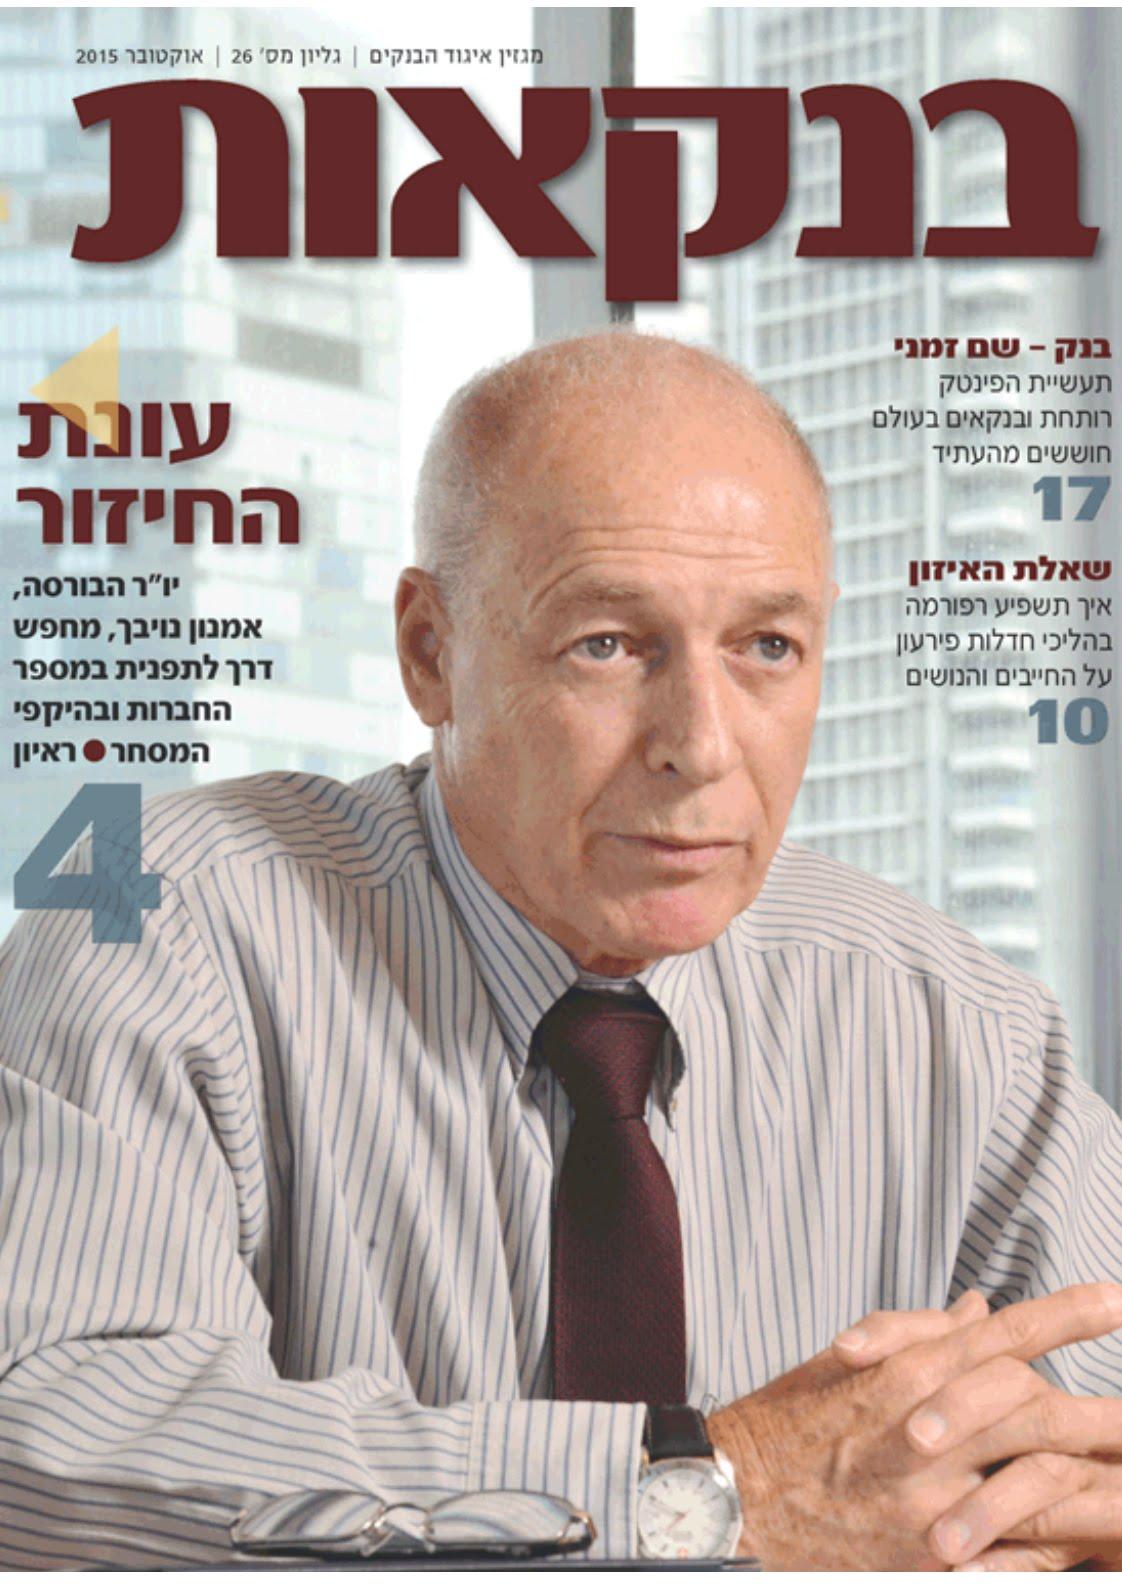 """""""בנקאות - מגזין איגוד הבנקים"""" גיליון 26, אוקטובר 2015"""